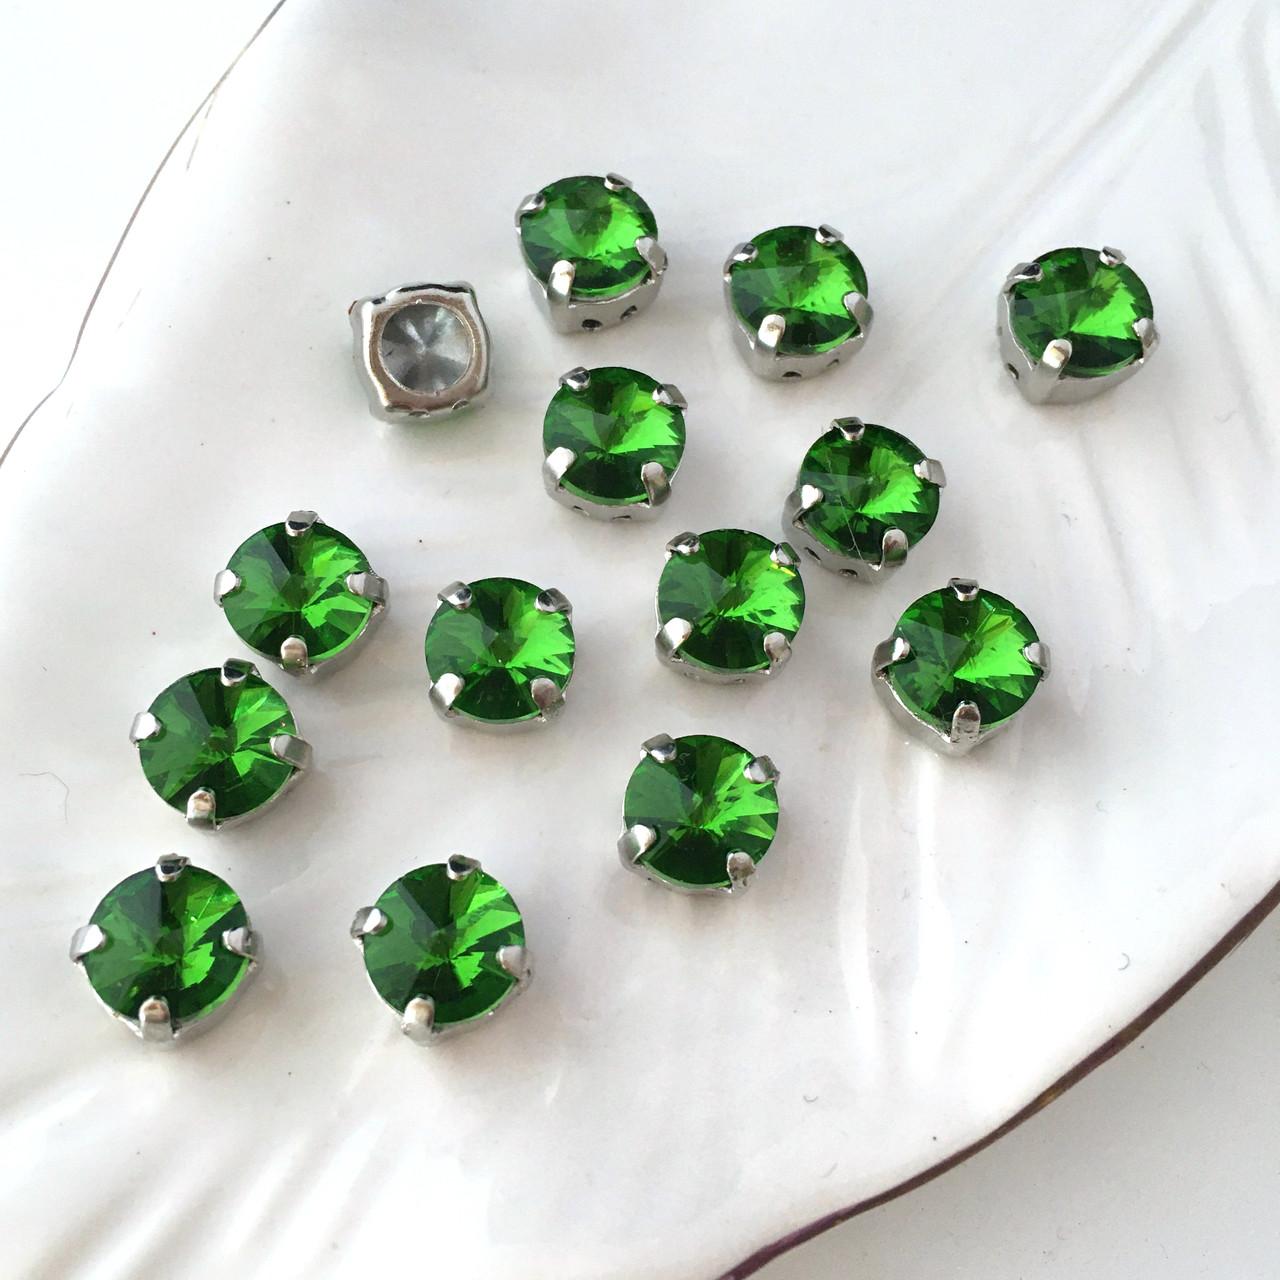 Кристал в оправі. Ріволі 8 мм. Зелений. Колір оправи: срібло. Ціна за 1 шт